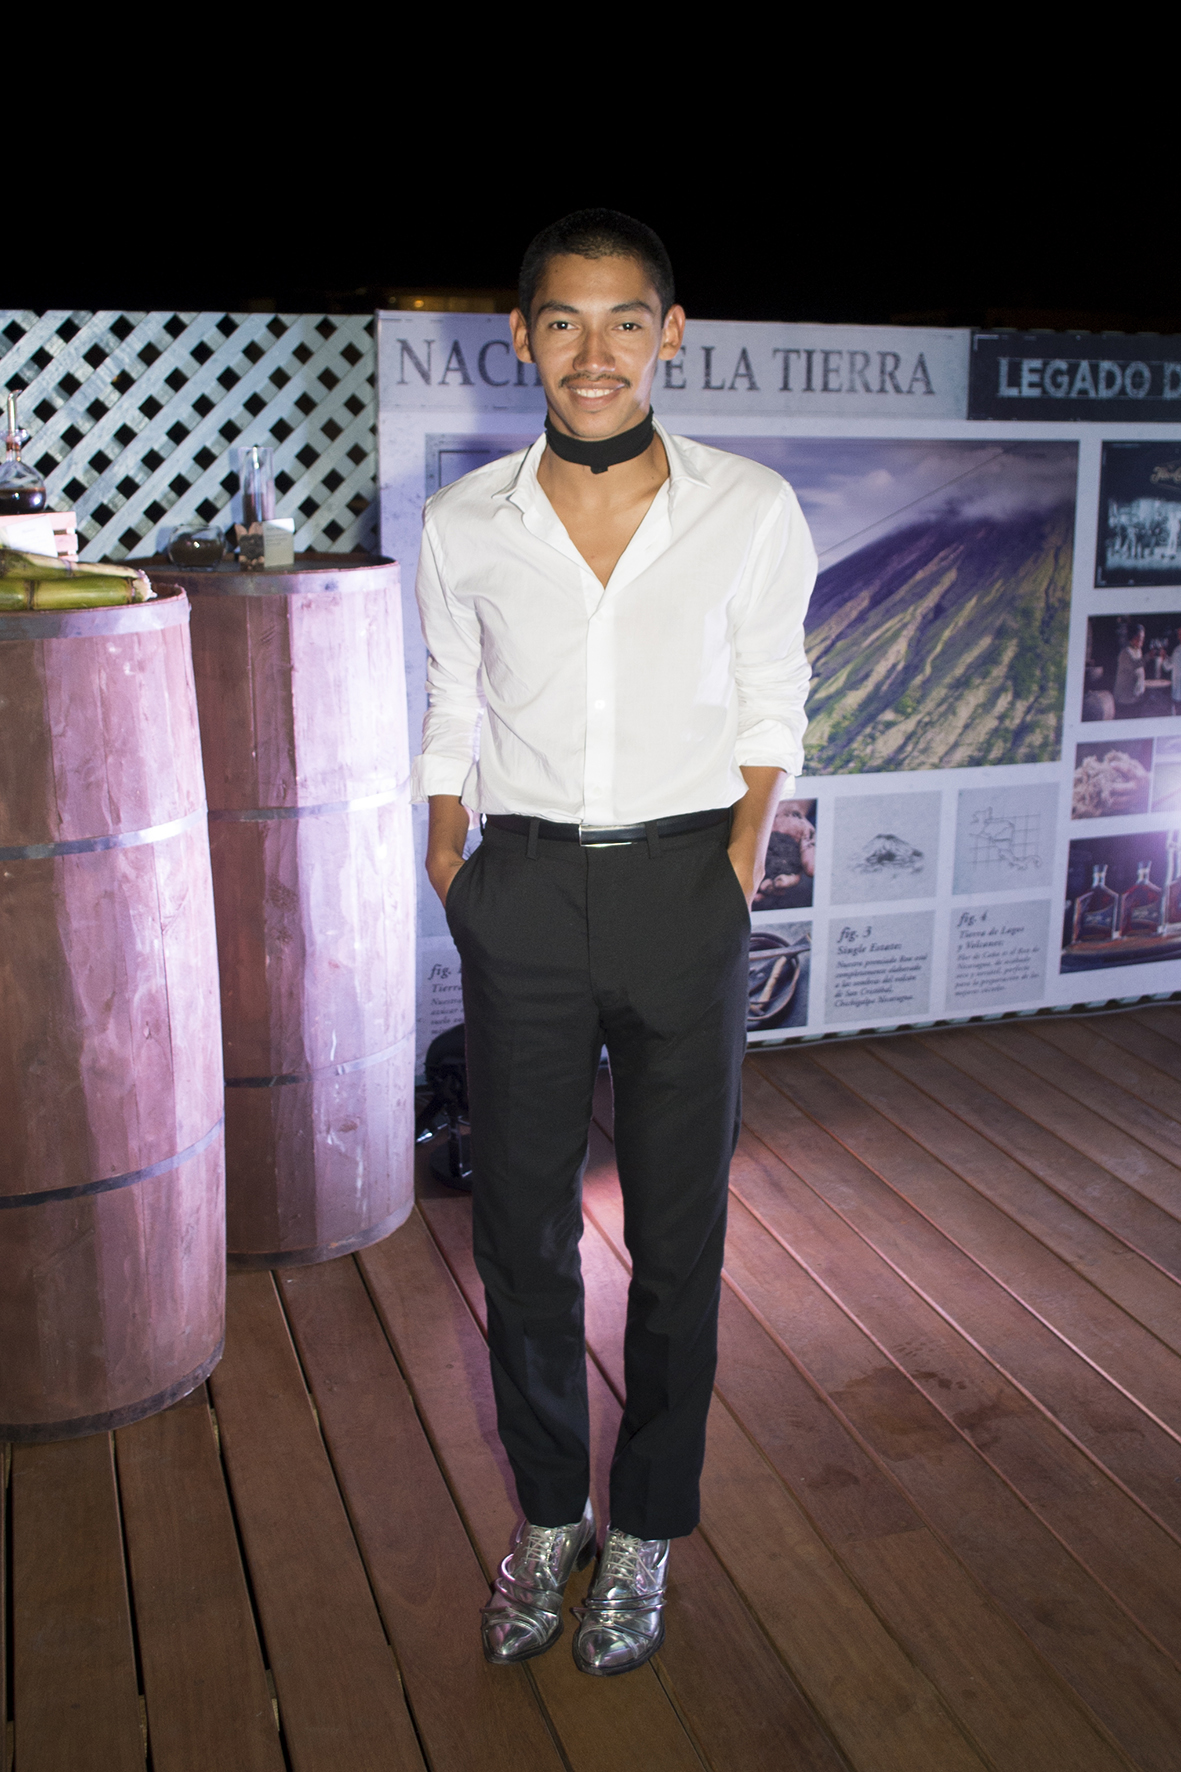 Diego Purizaga